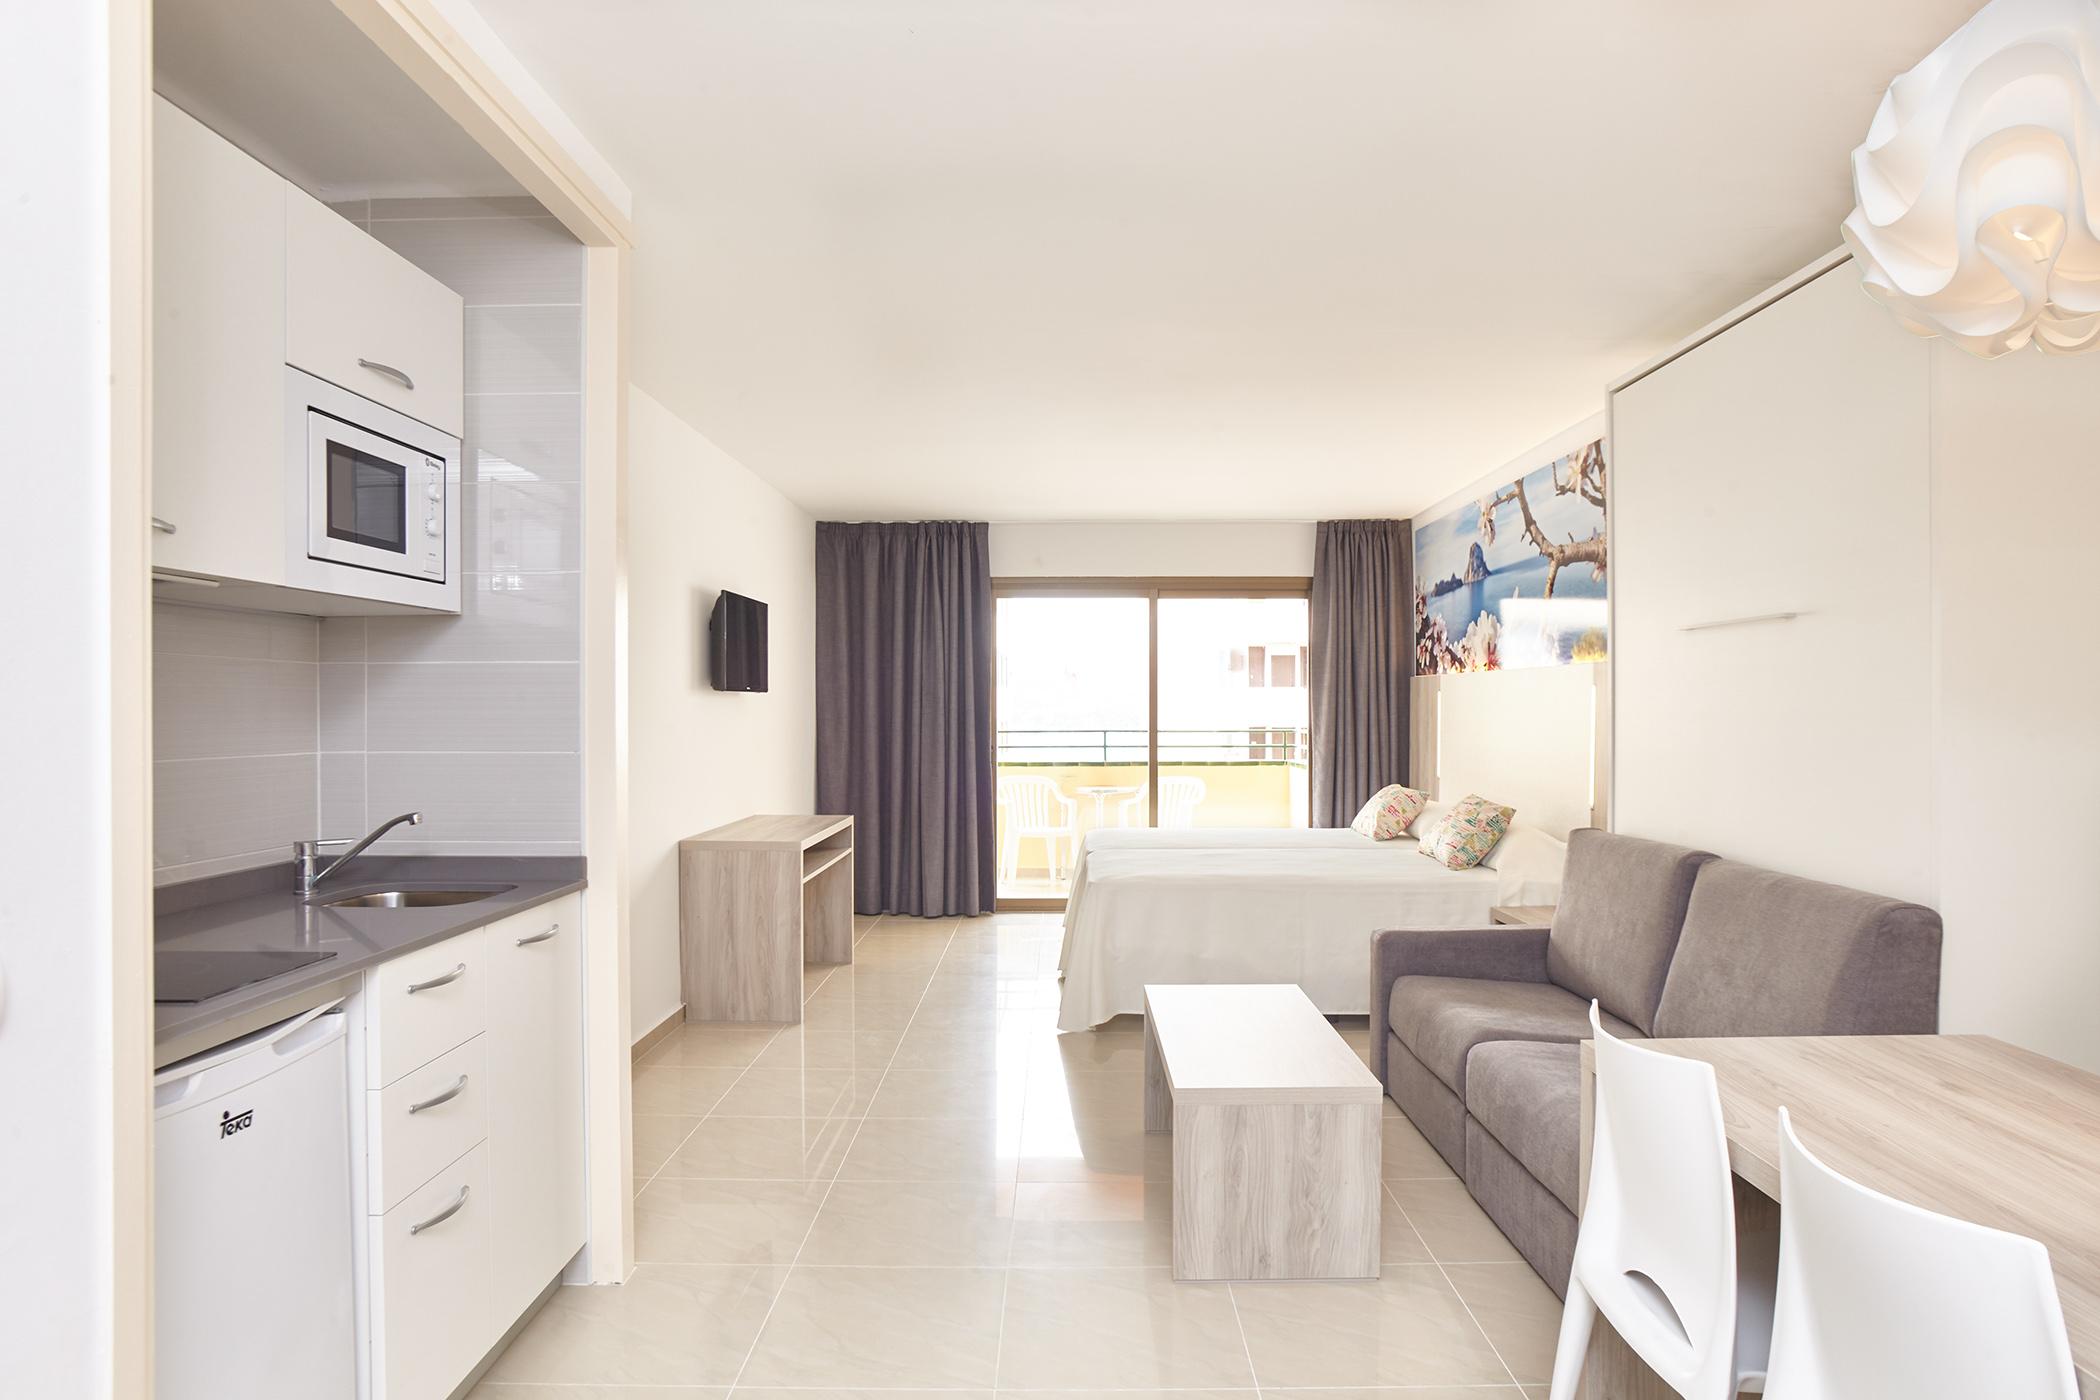 Интерьер квартиры студии с балконом